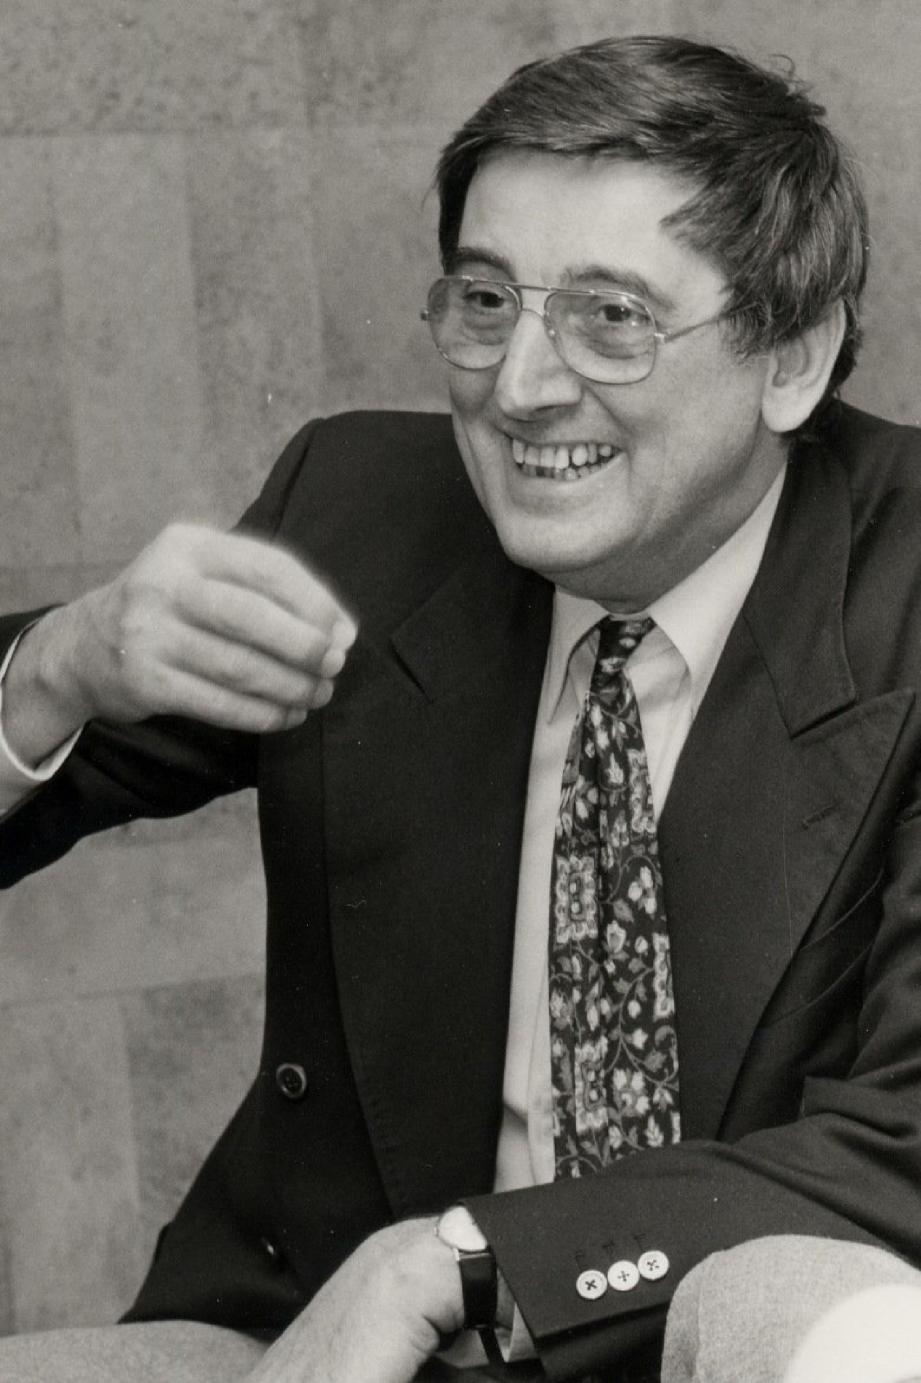 Le dessinateur belge, disparu le 5 janvier 1997, était un vrai passionné. « Il ne s'est jamais arrêté de dessiner ».